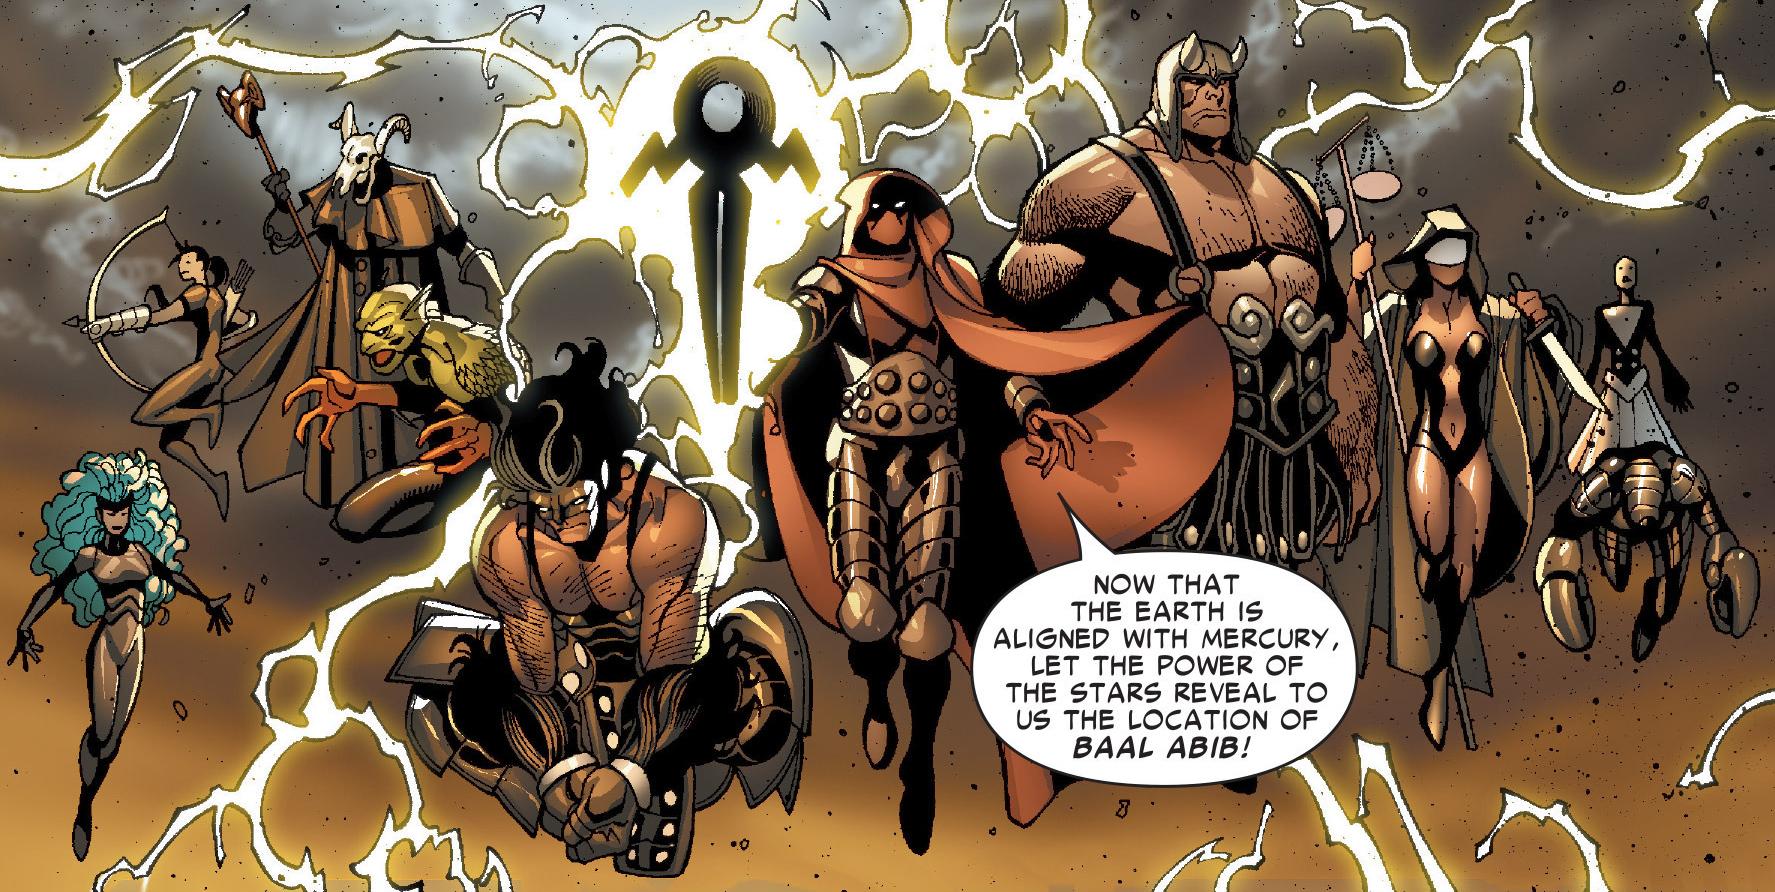 Zodiac (Baal Abib) (Earth-616)